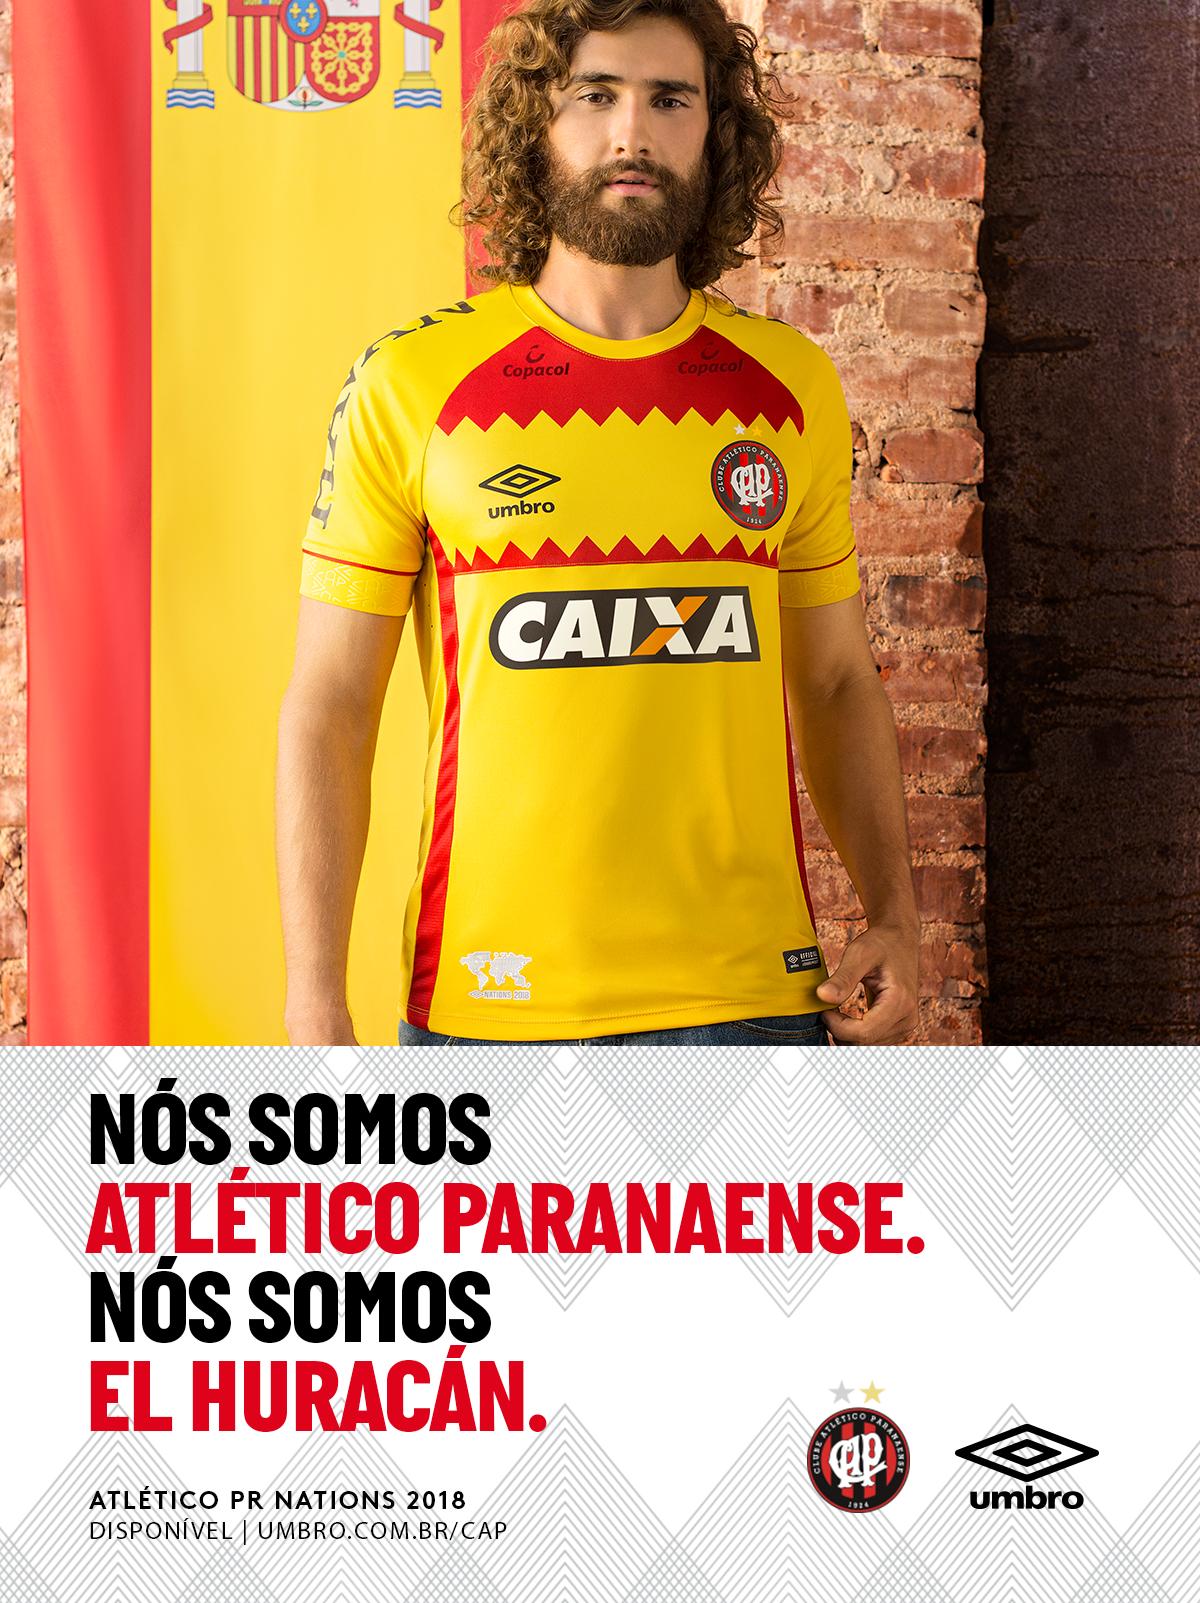 Fornecedora diz que Atlético-PR aprovou camisa polêmica e coloca ... 1a263ceebb9d7